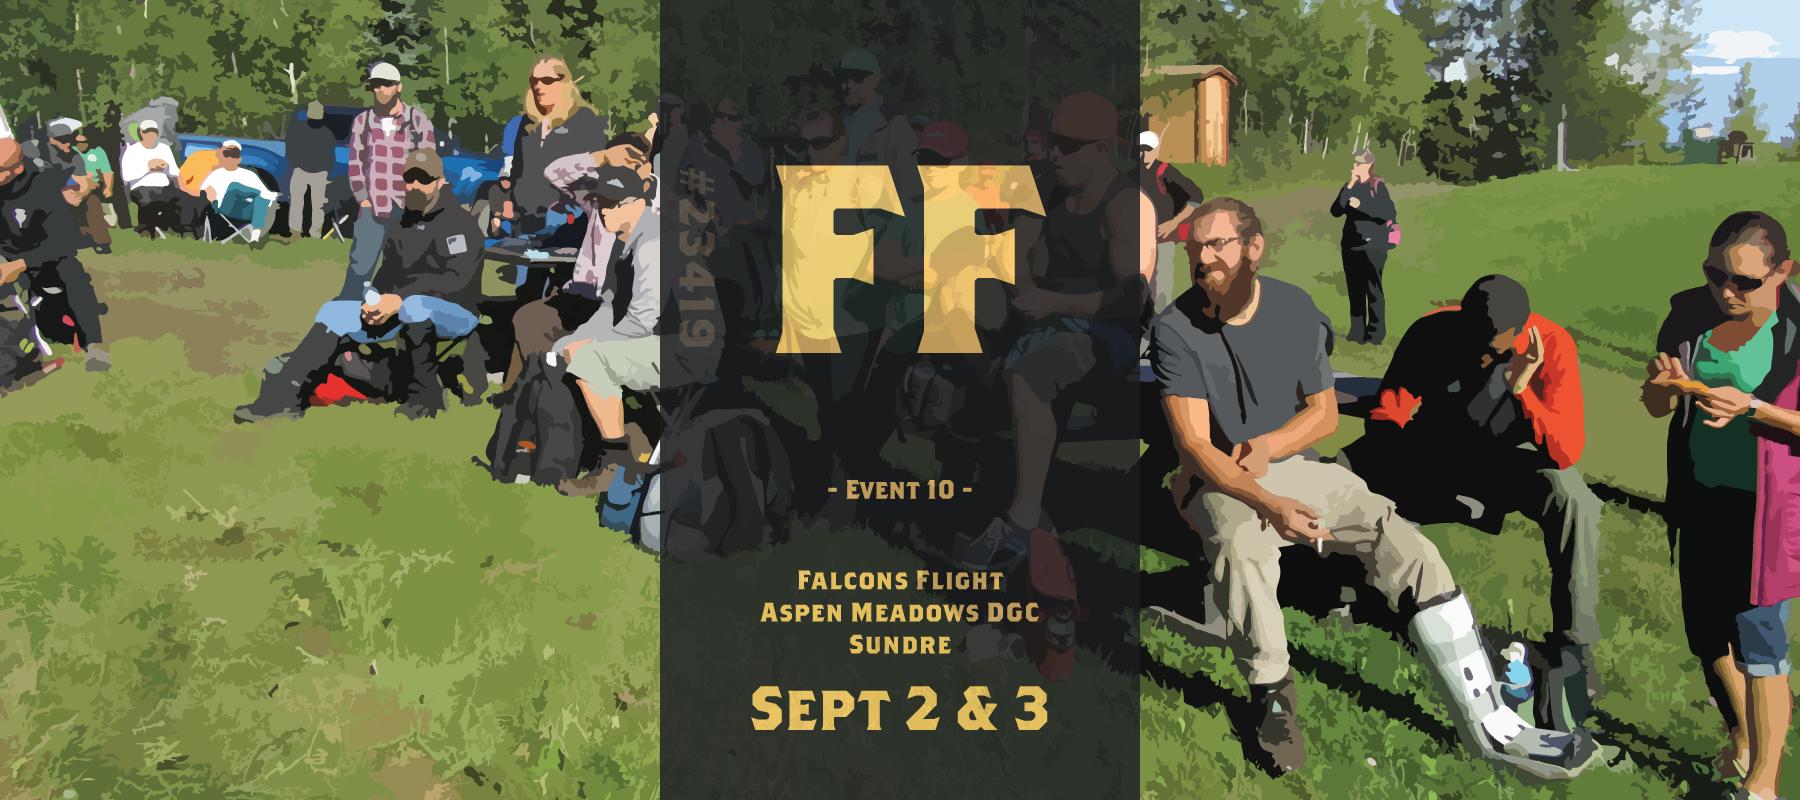 ADGTOUR_event_1800_FF